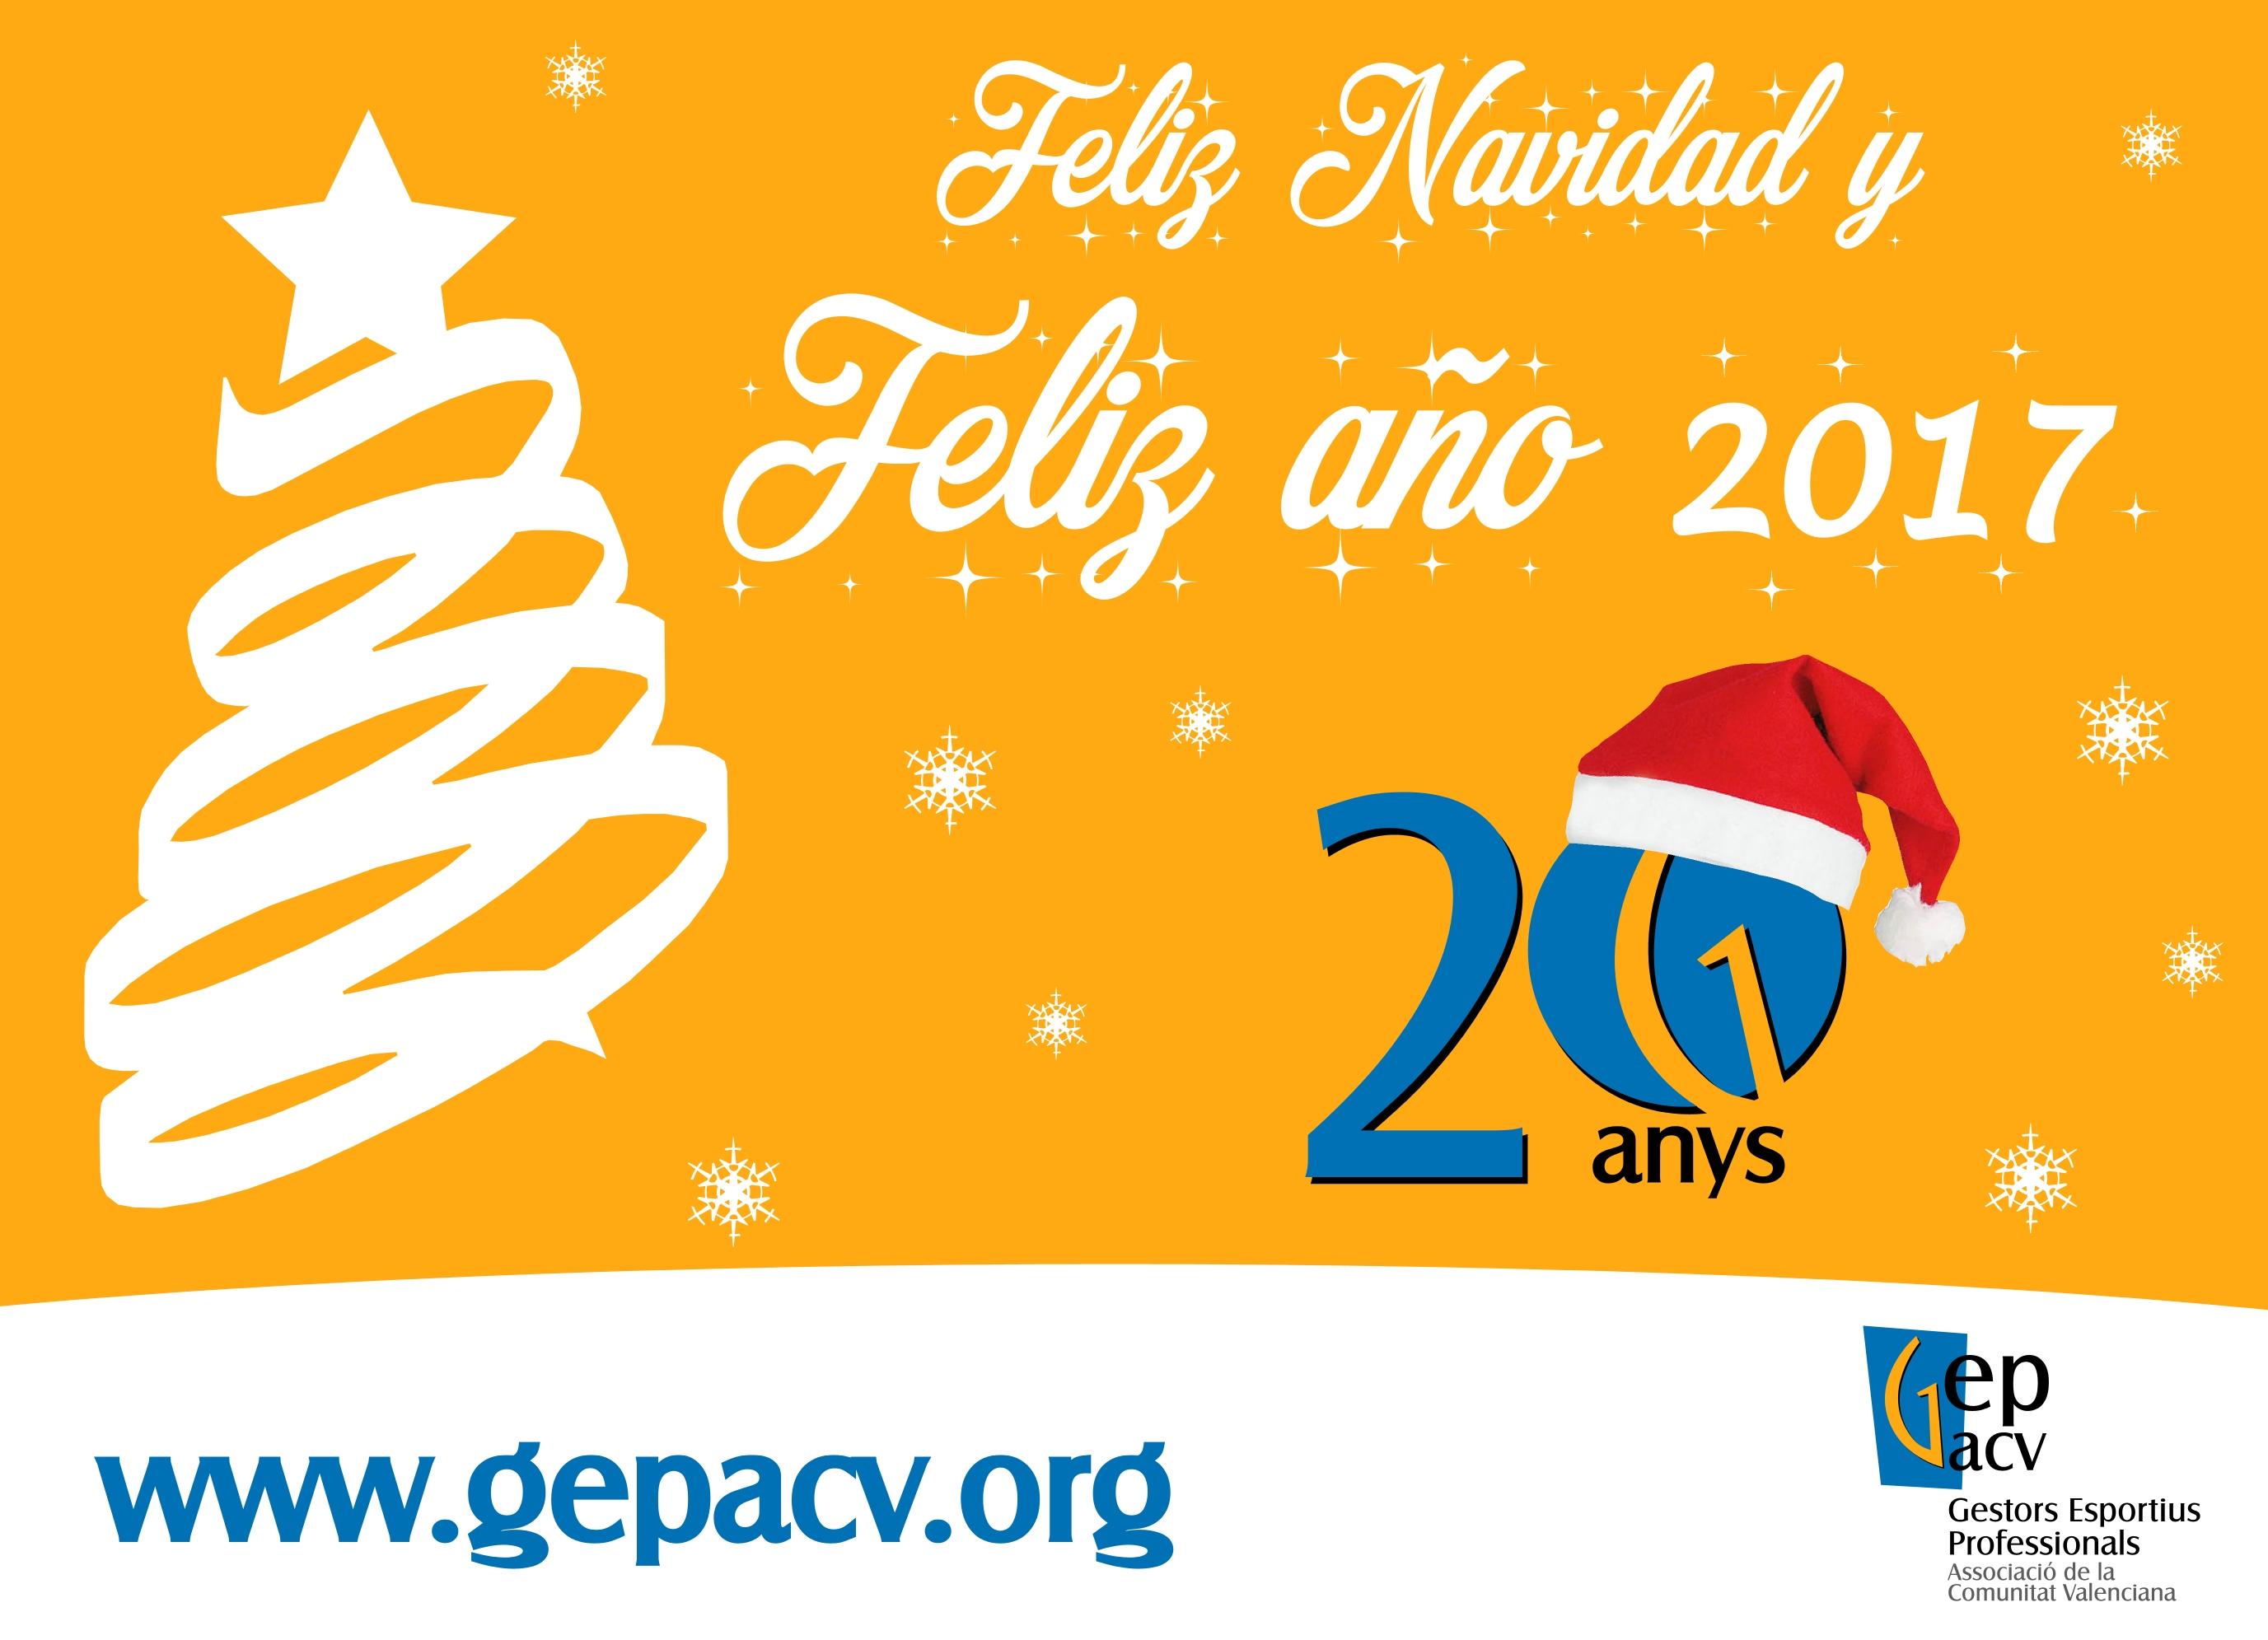 felicitacion-2017-gepacv-castellano